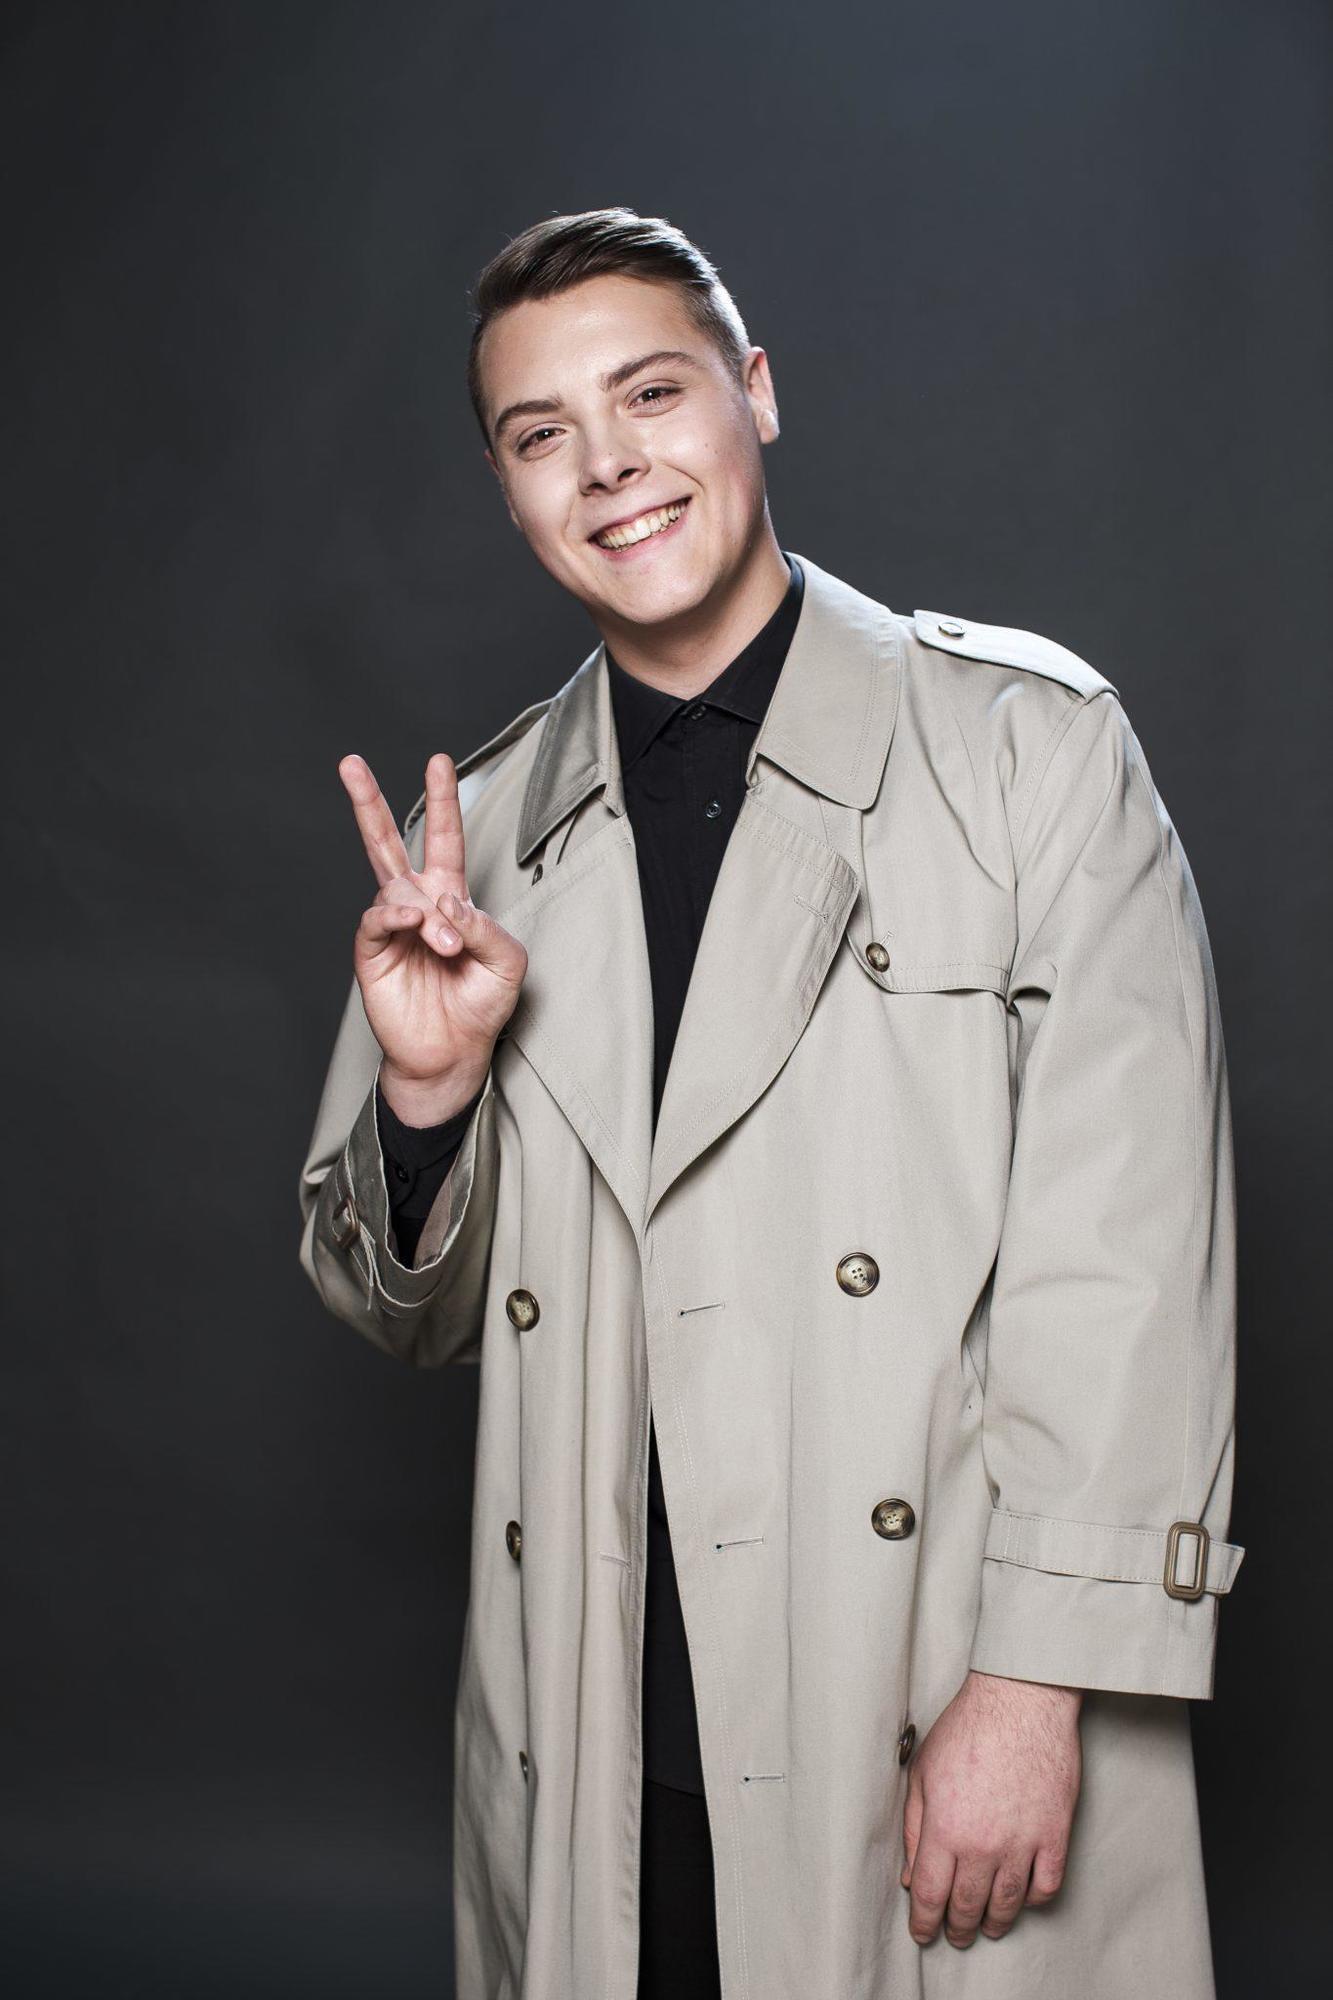 інтерв'ю з співаком-початківцем Данилом Однораленком